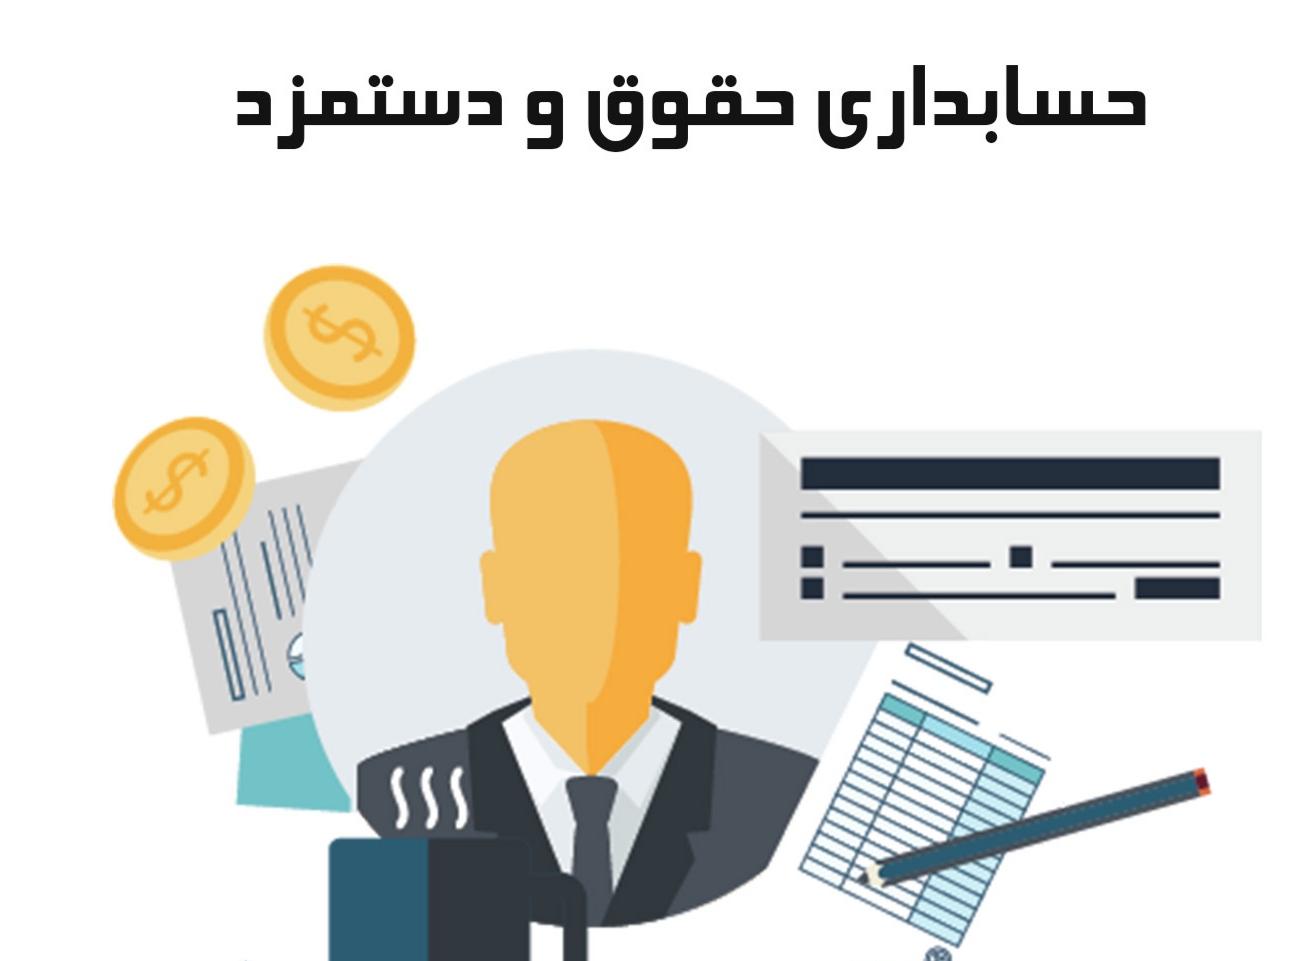 کتاب حسابداری حقوق و دستمزد پایه یازدهم (فنی و حرفهای)